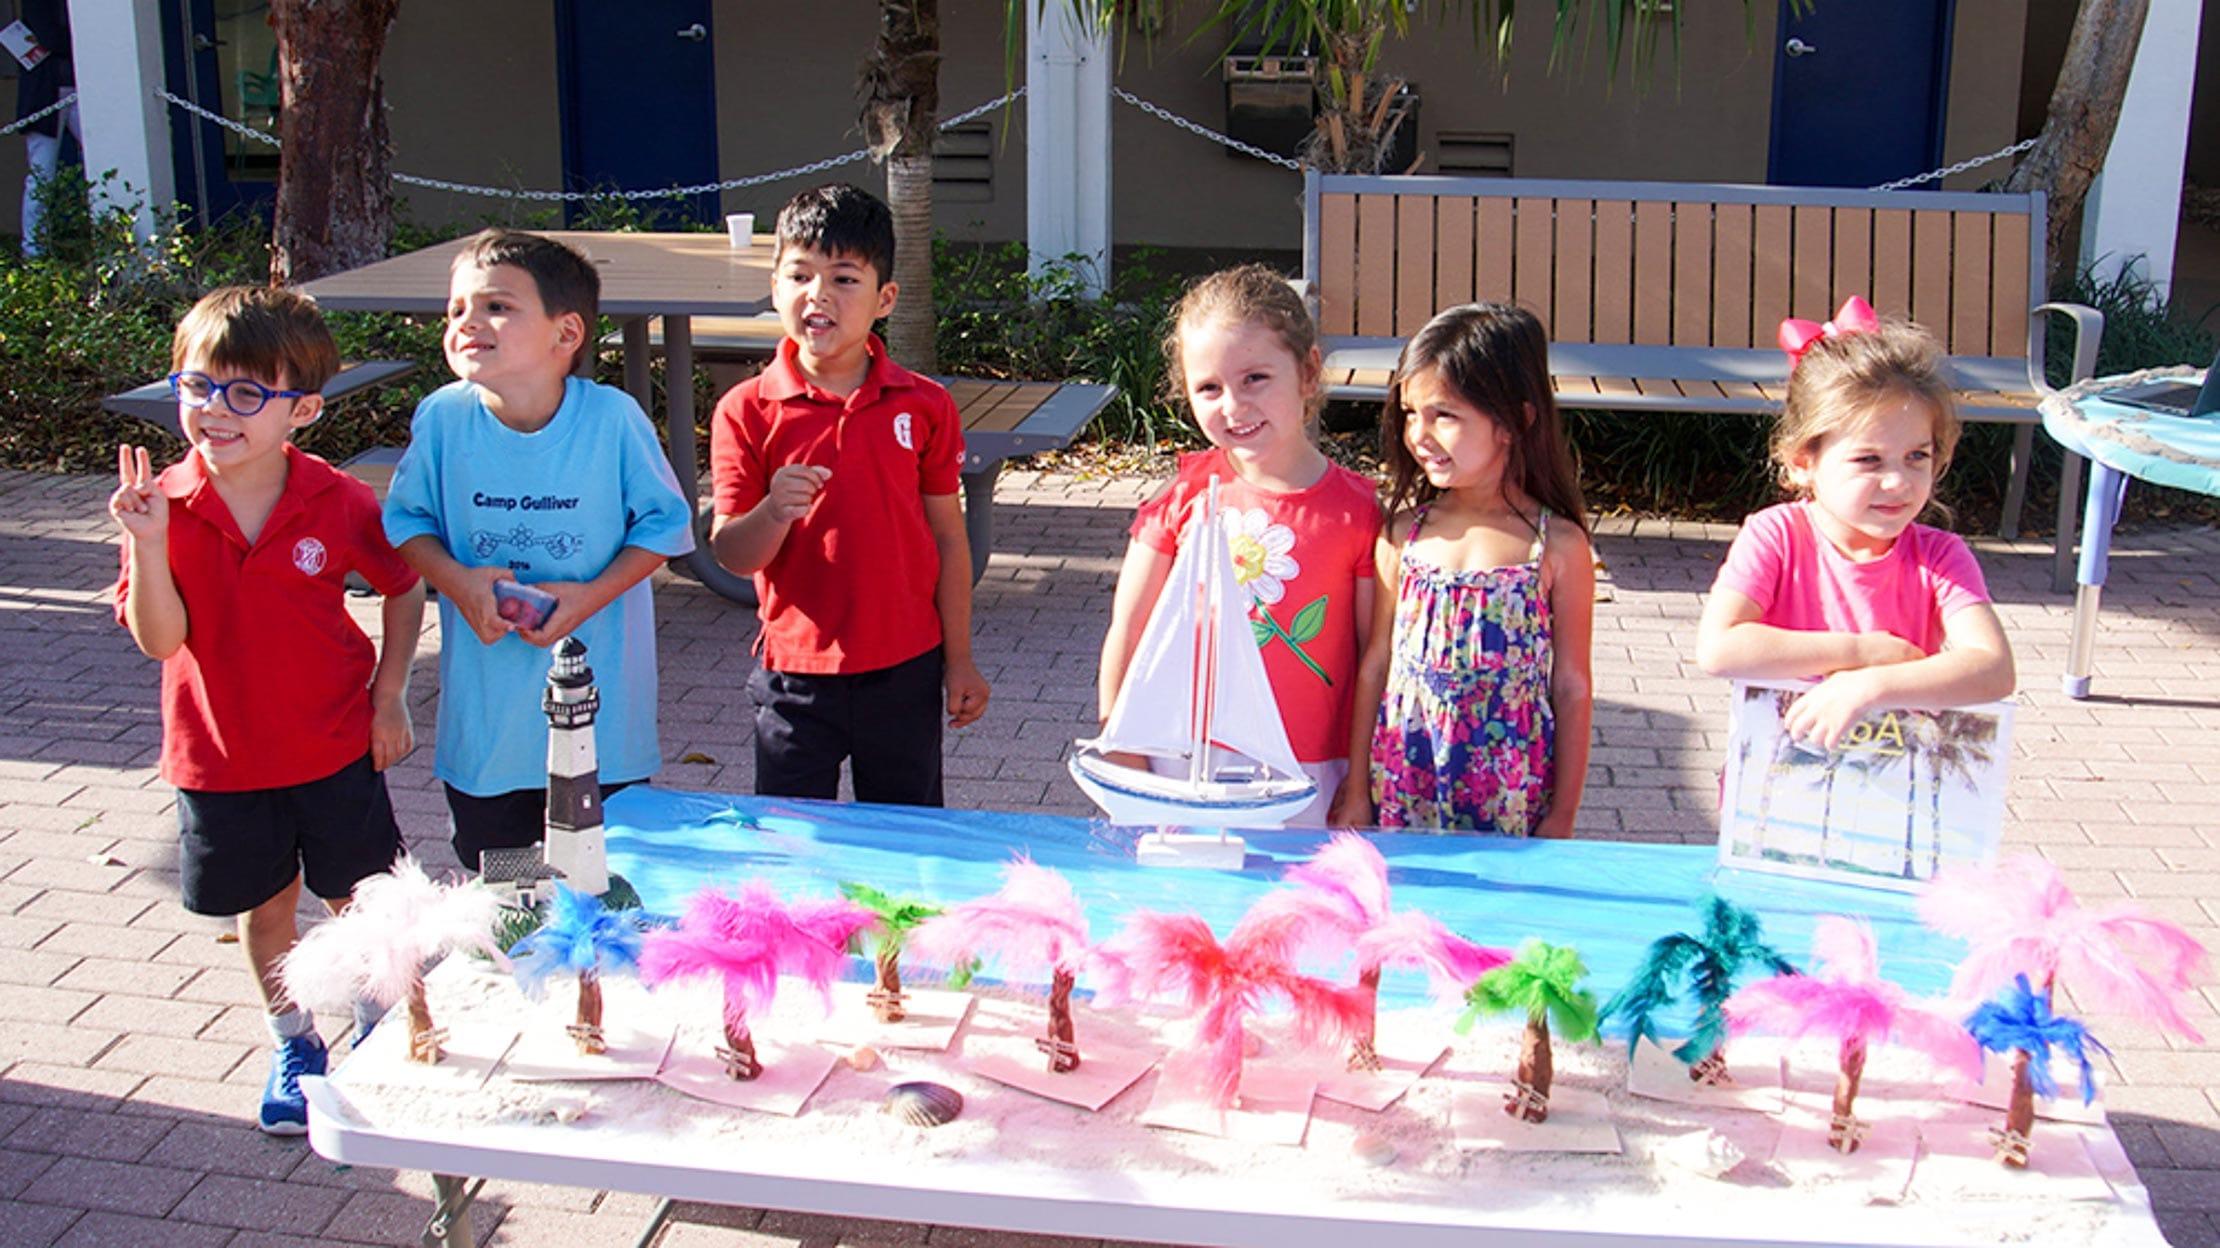 PreK students around a table at visual arts